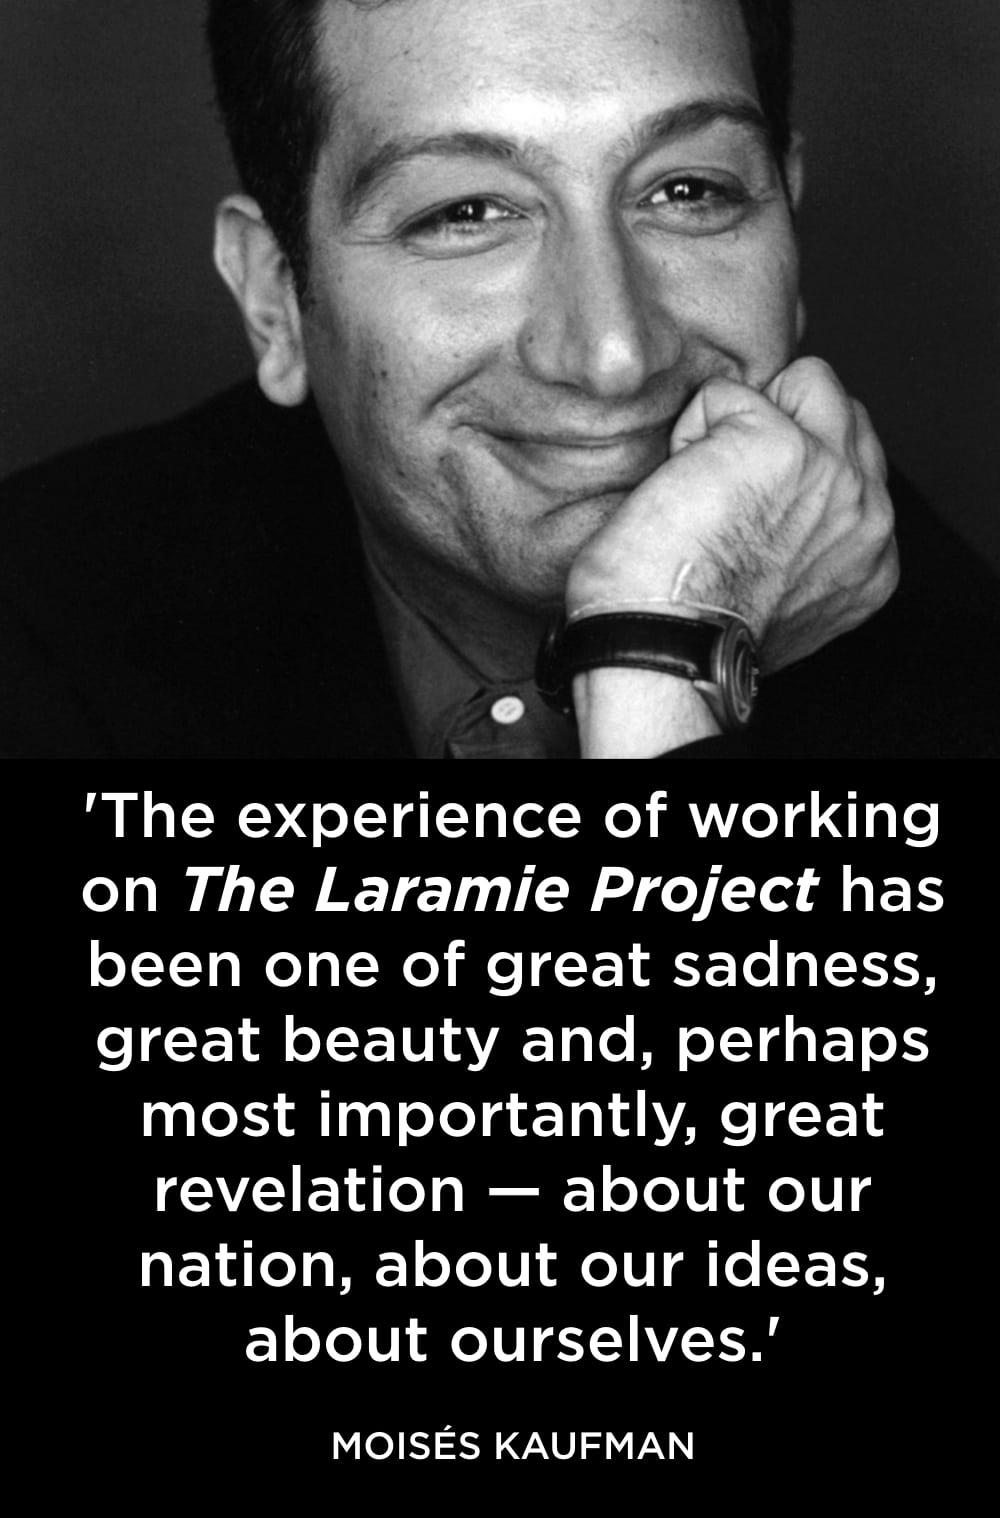 Moisés Kaufman Quote The Laramie Project. Photo by Ken Friedman.